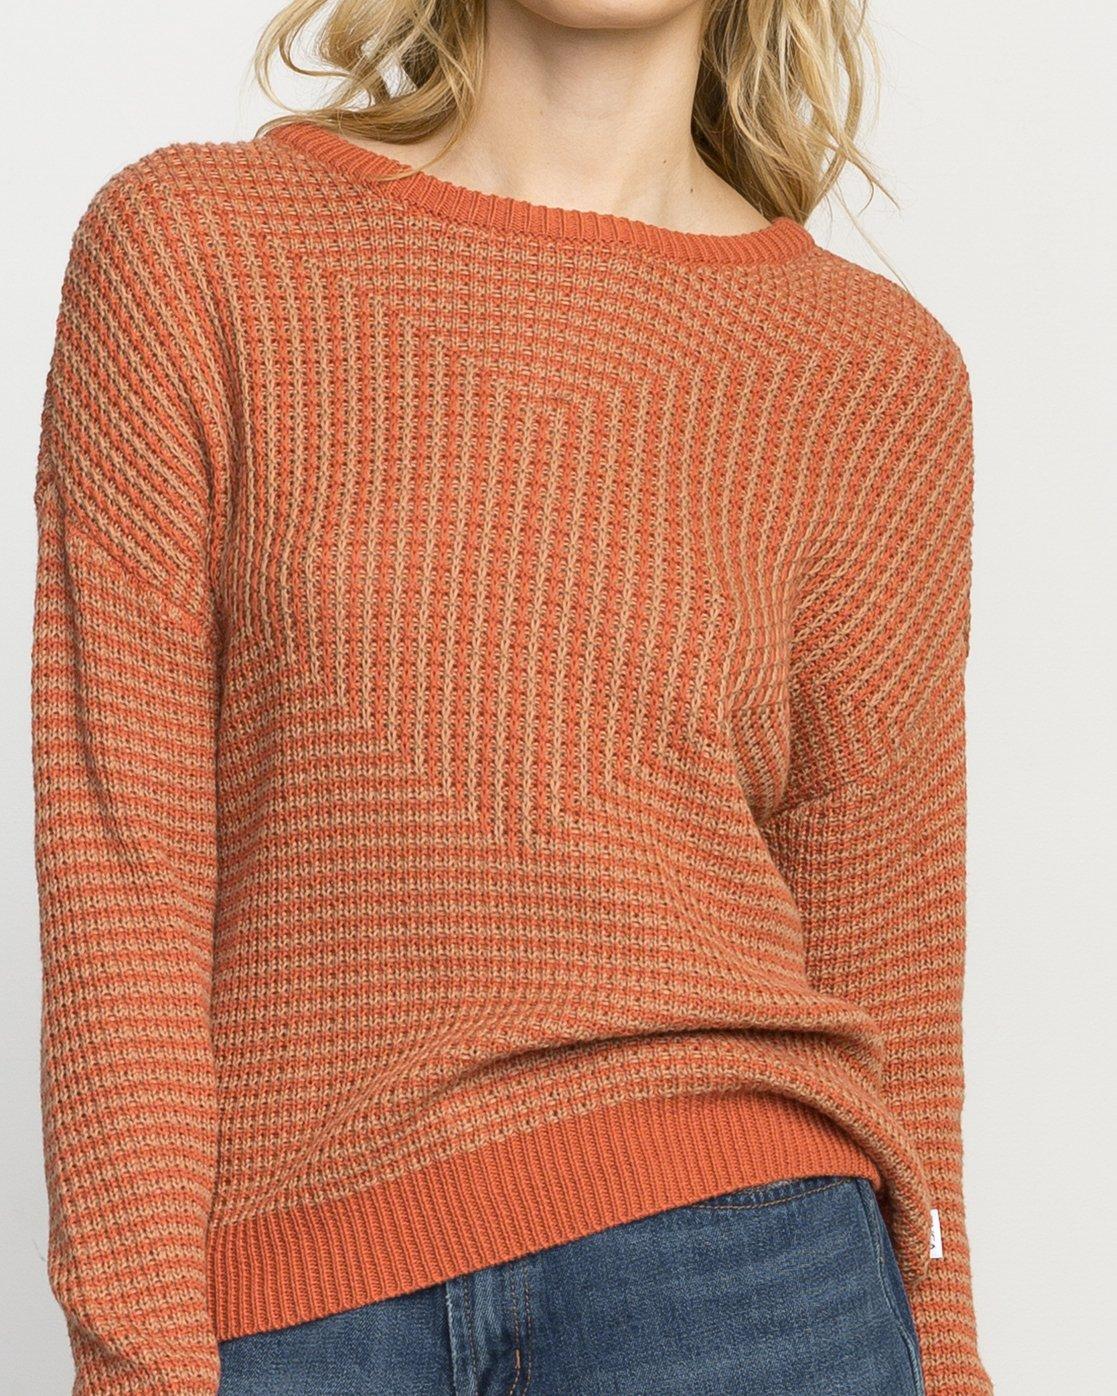 4 Light Up Knit Sweater Pink WLVV02LI RVCA